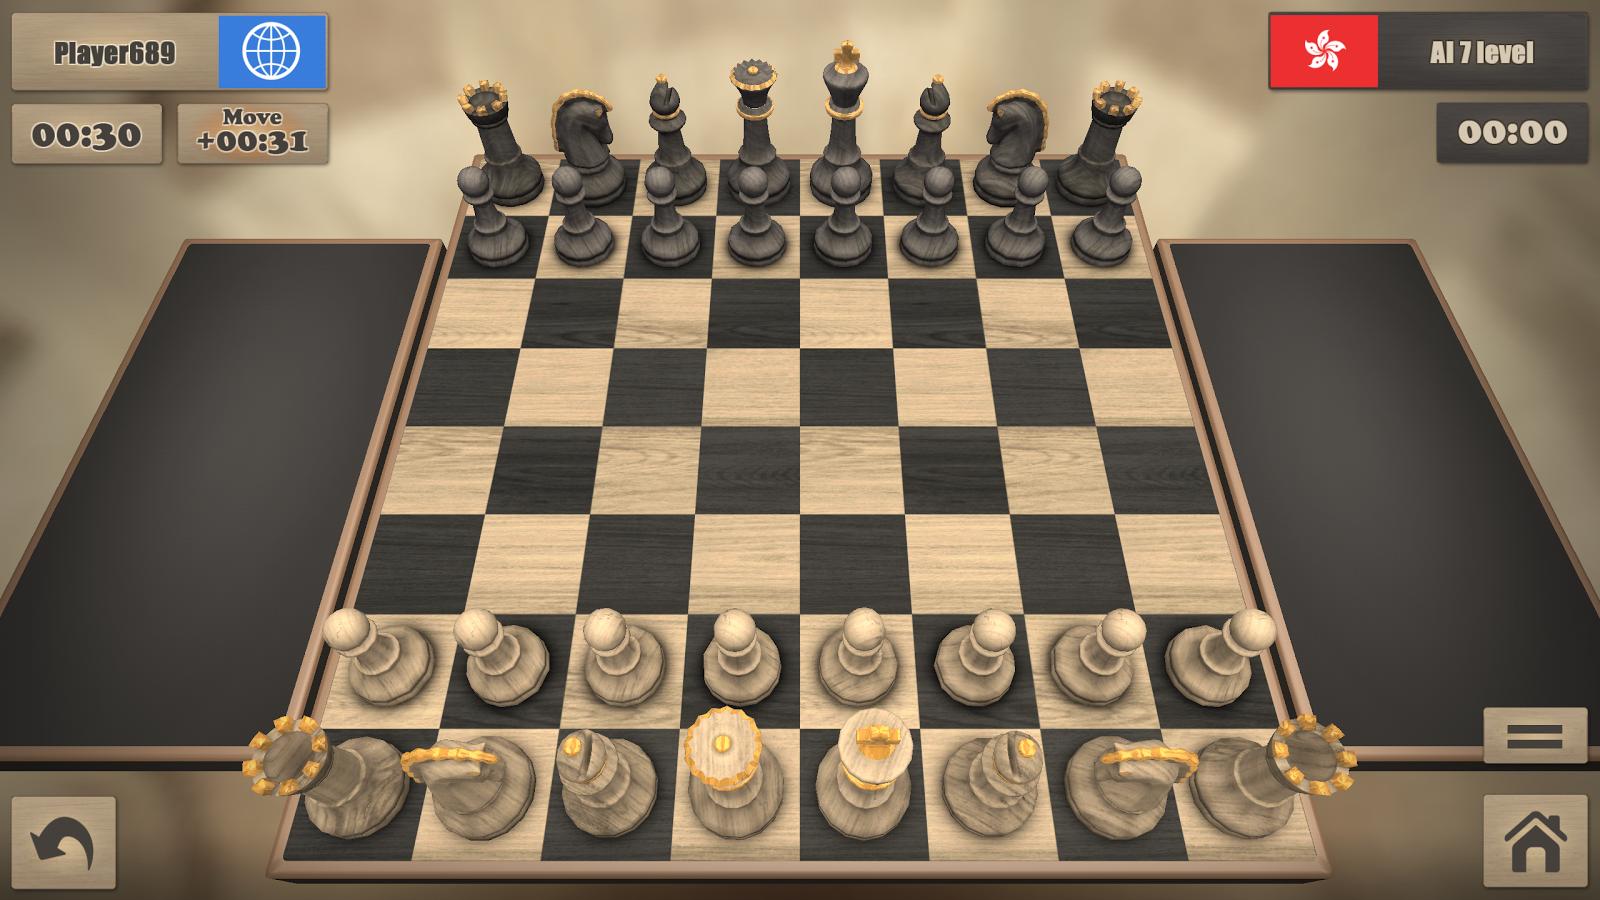 Игра шахматы для windows. Скачать бесплатно / iшахматы.